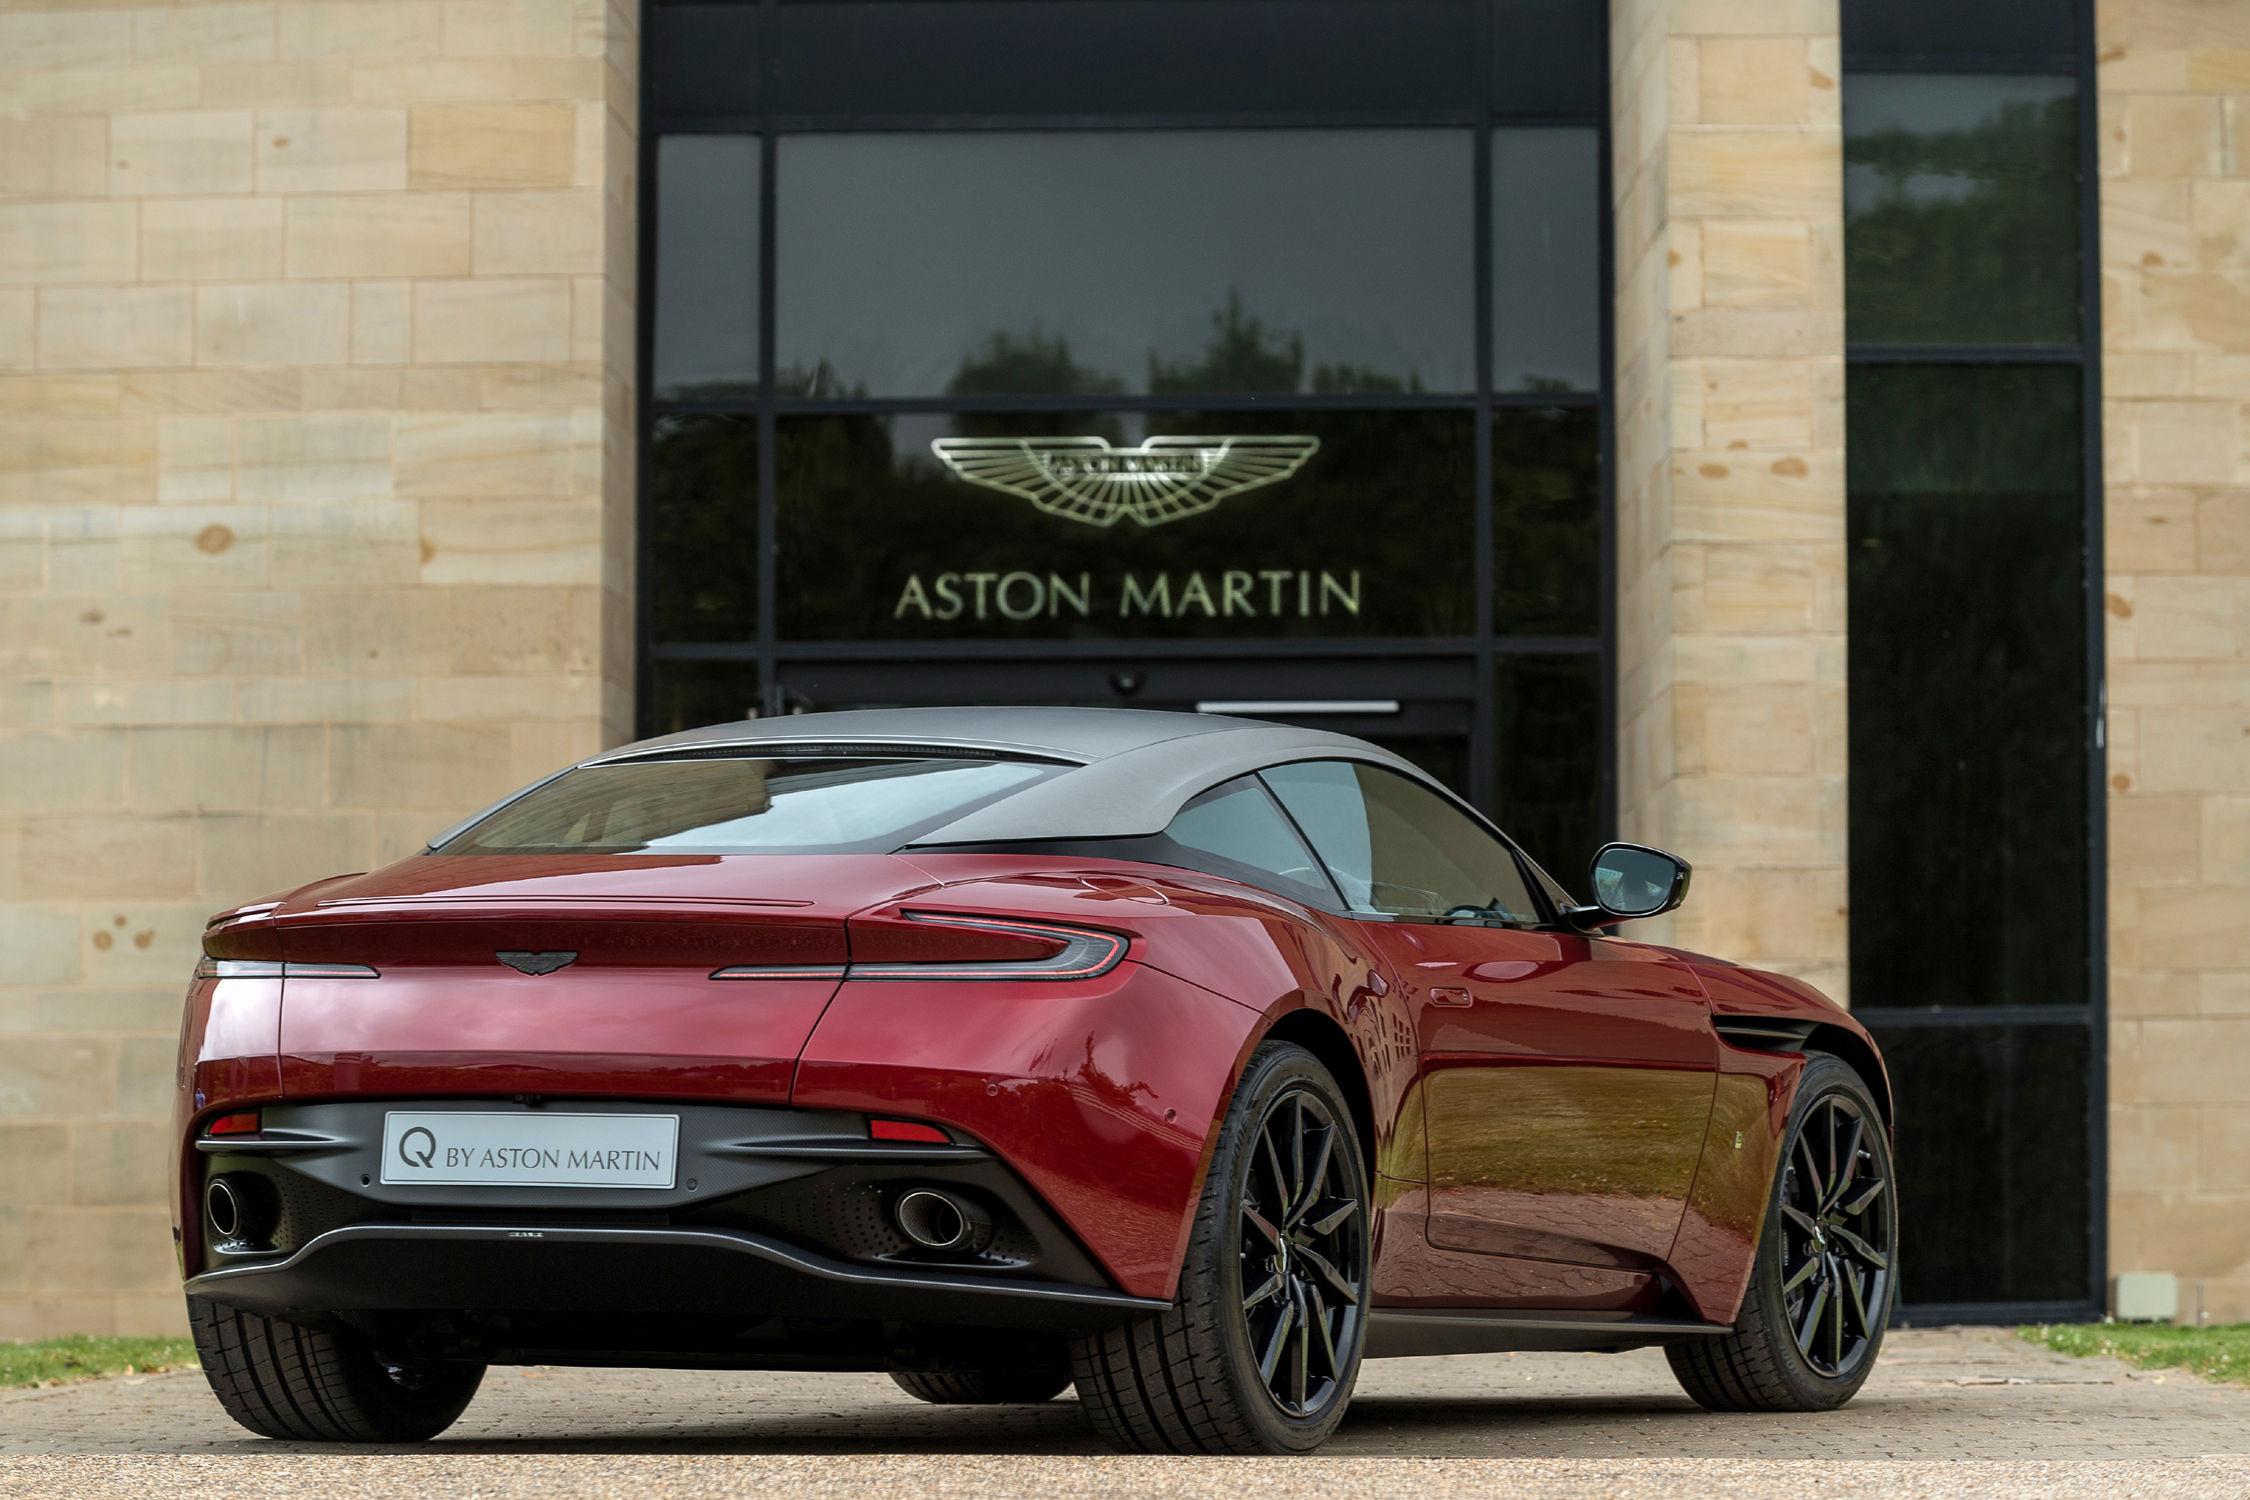 La première Aston électrique produite à Gaydon en 2019 — Aston Martin RapidE